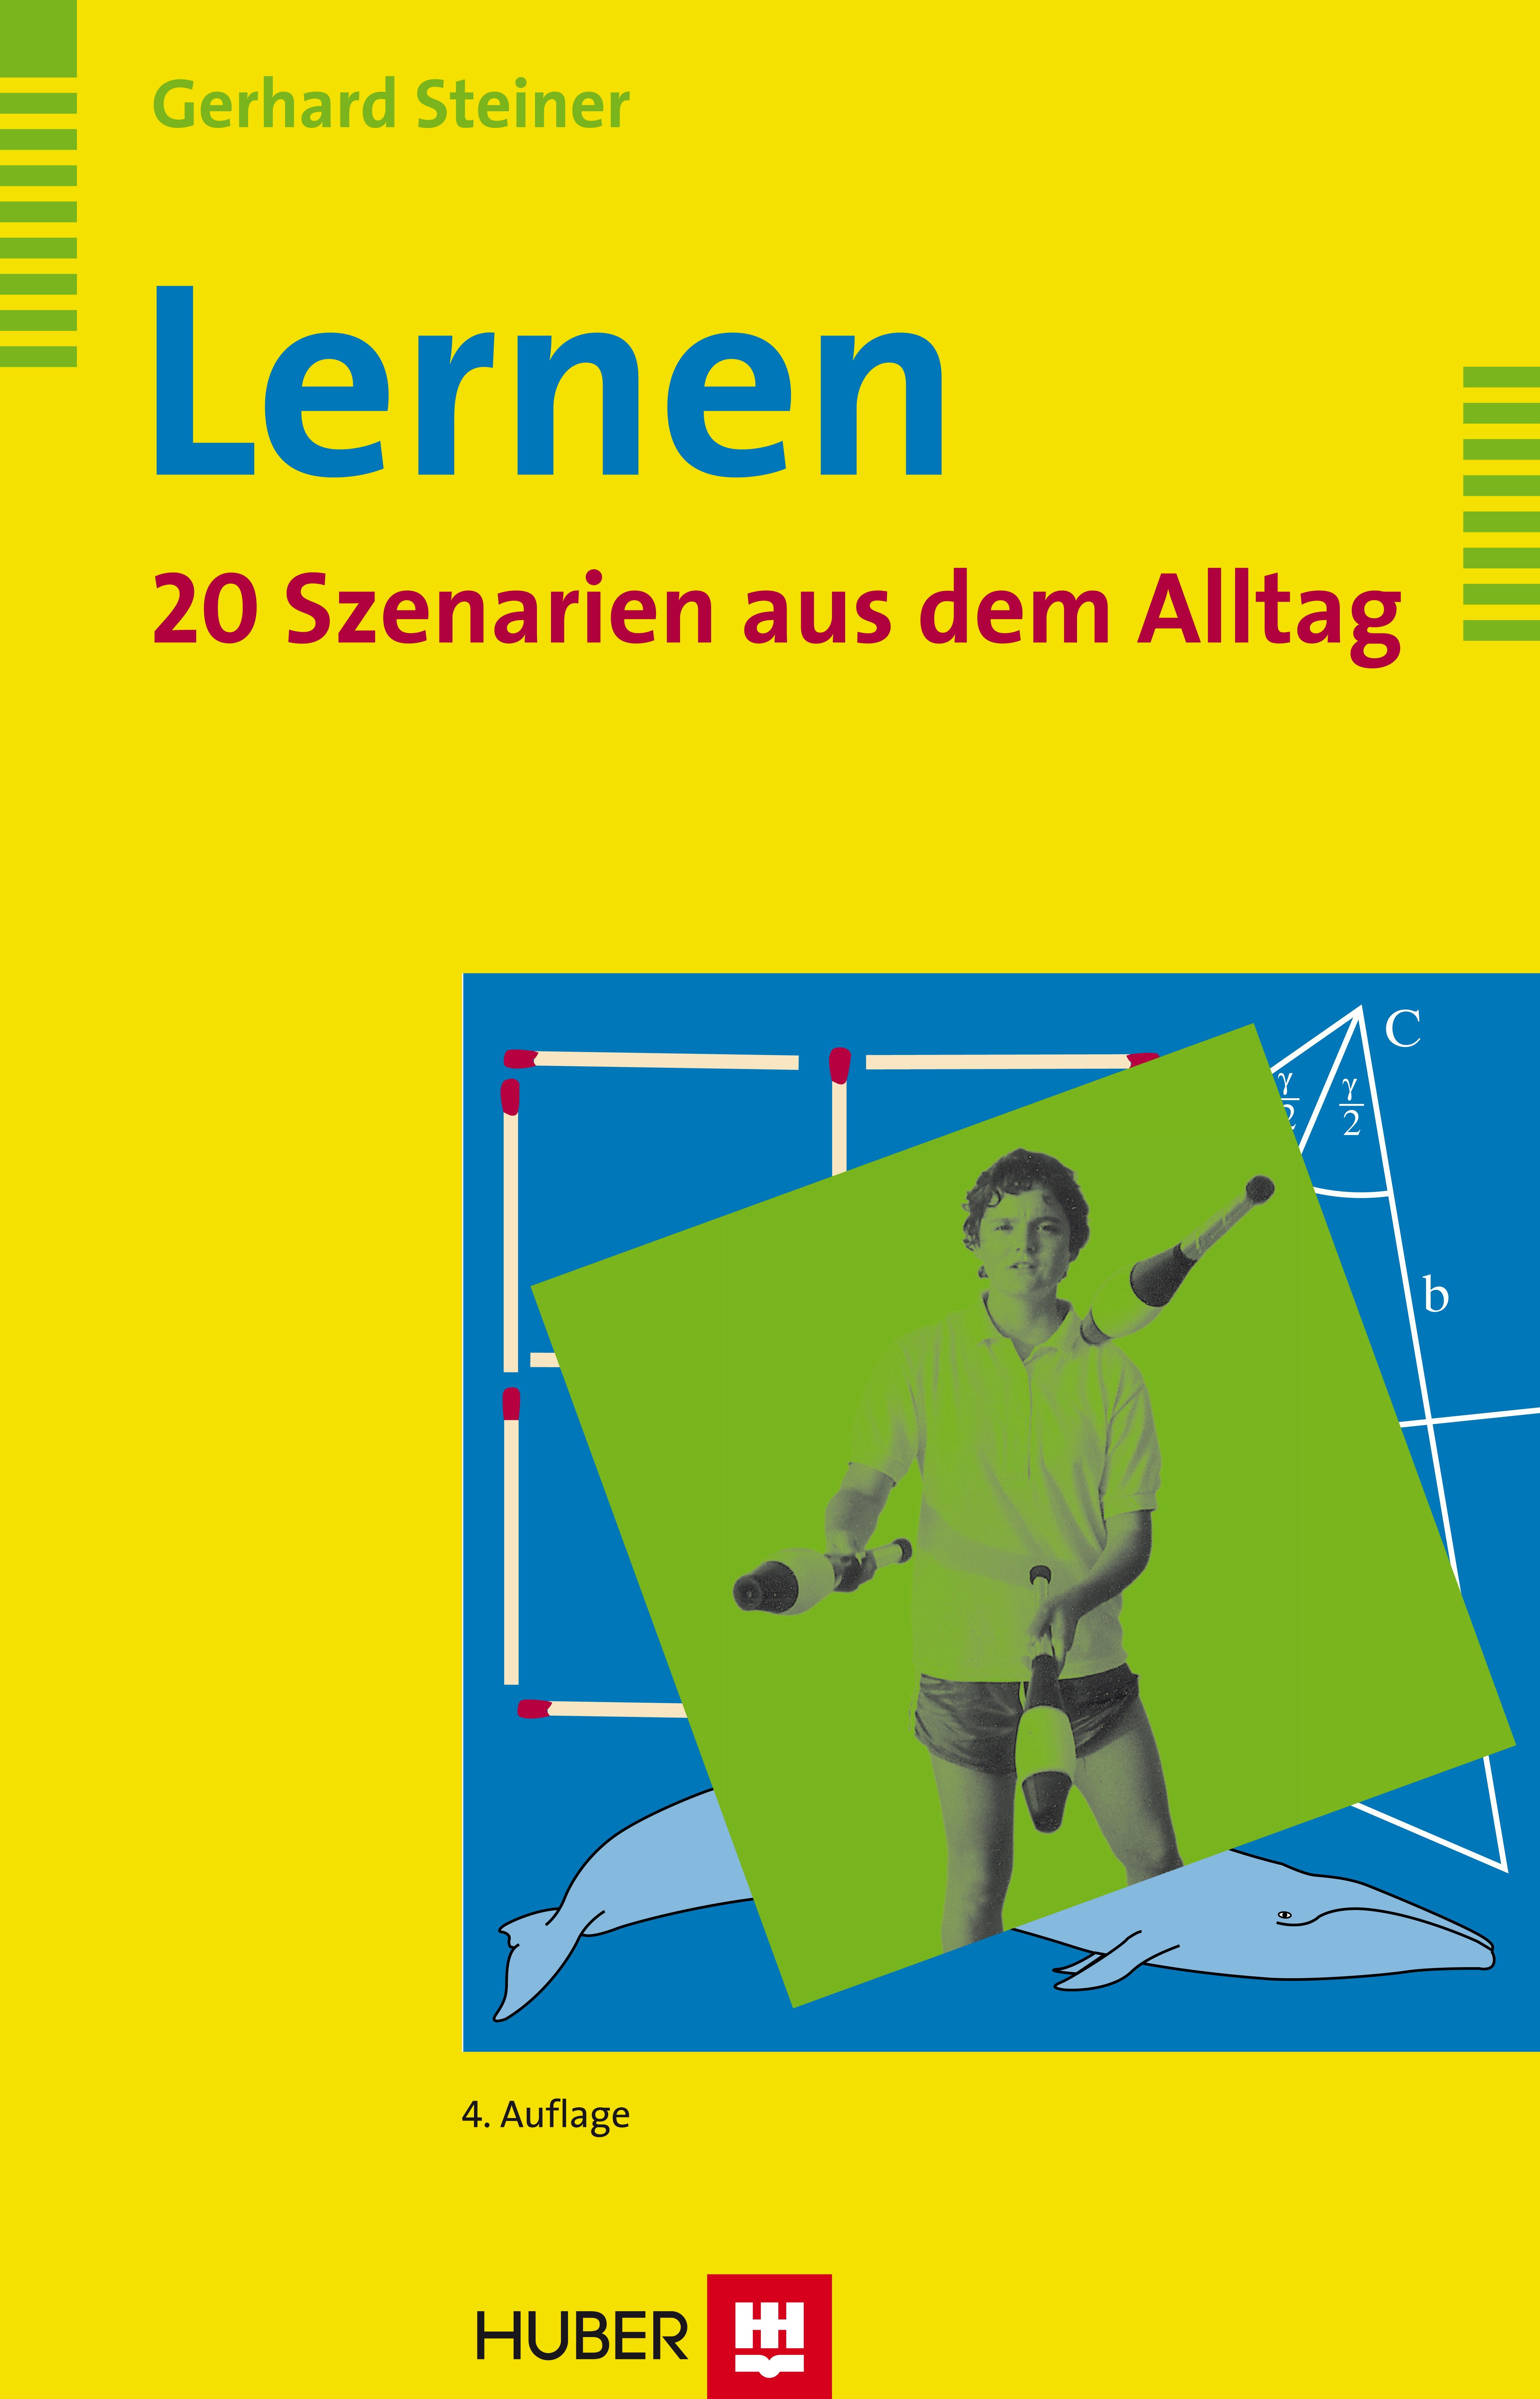 Lernen Gerhard Steiner